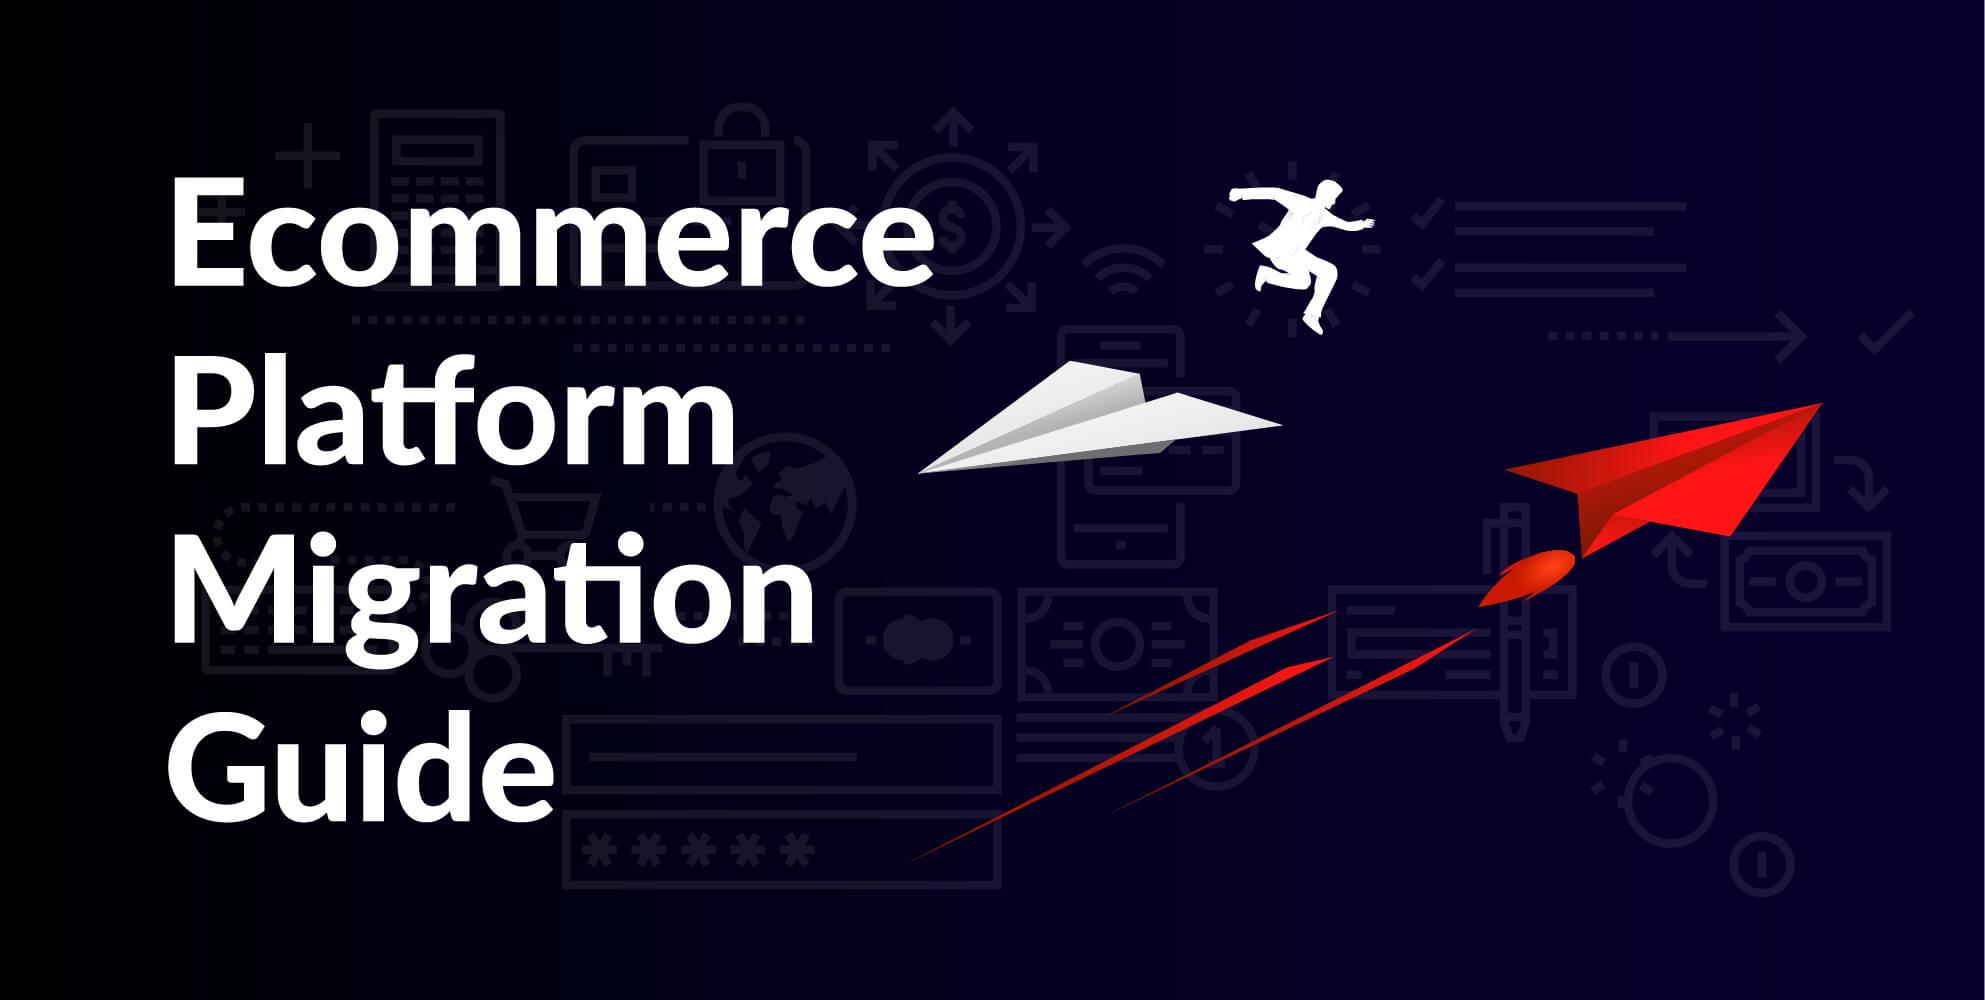 ecommerce migration - shuup multivendor marketplace platform